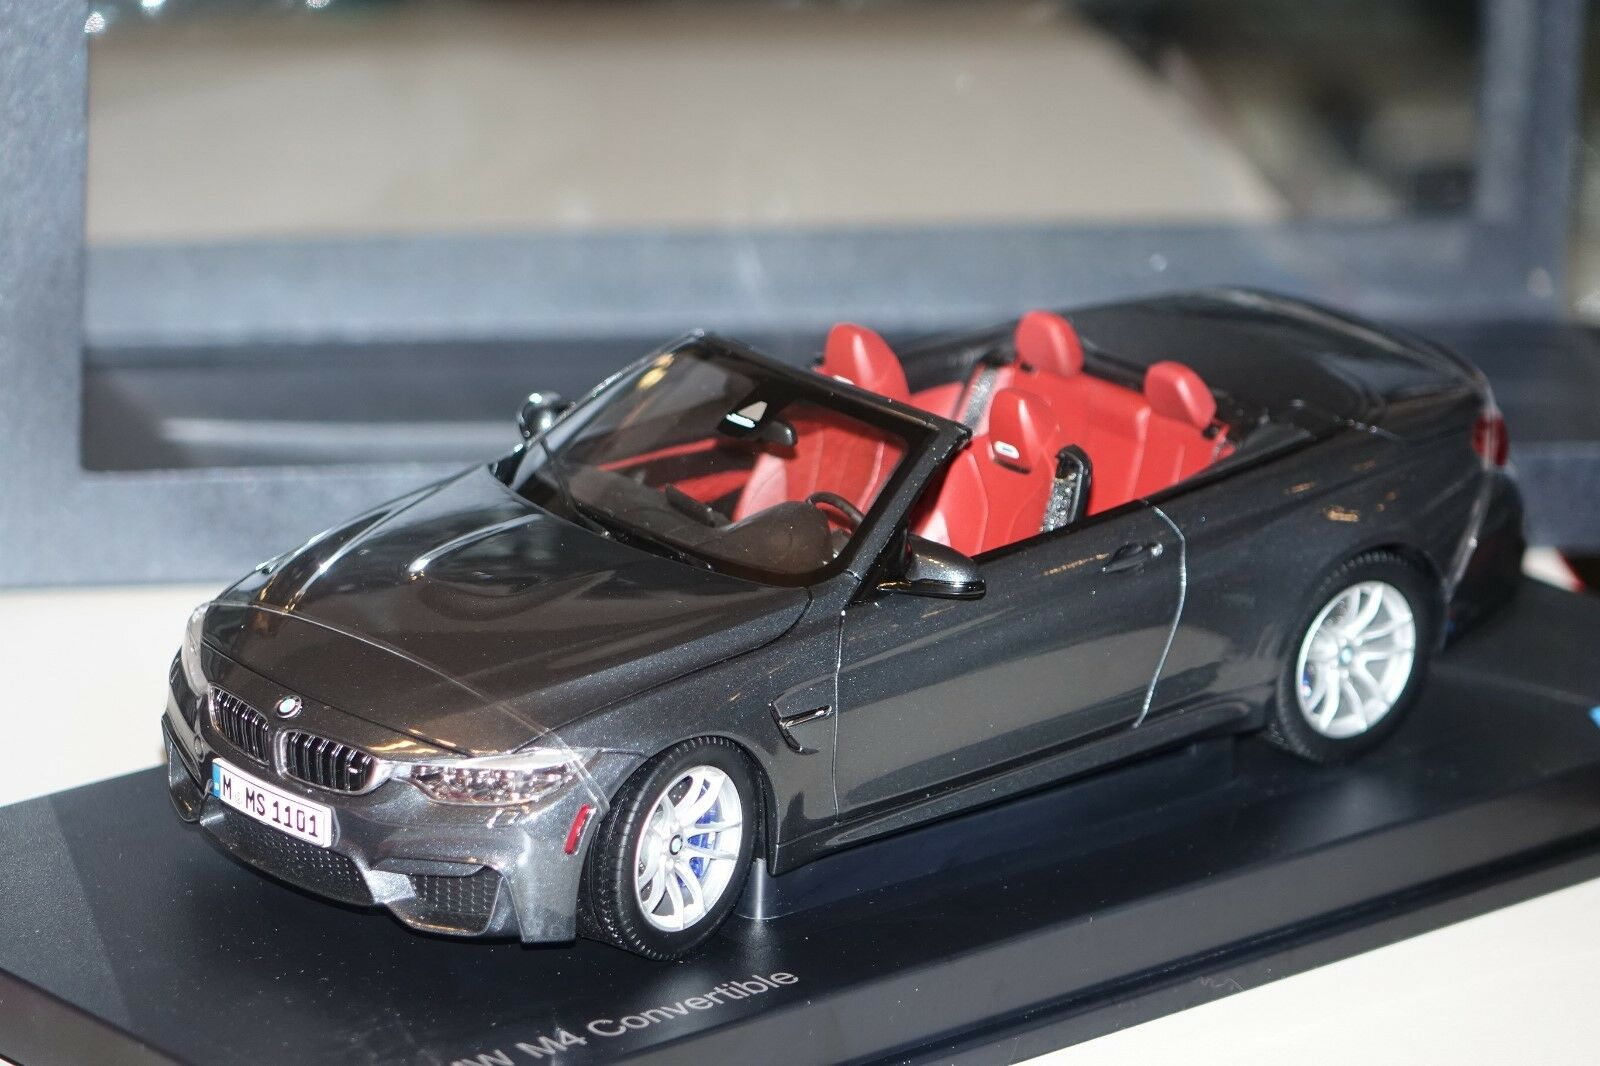 Bmw m4 cabrio f83 gris metalizado Paragon bmw 80432339610 1 18 nuevo & OVP